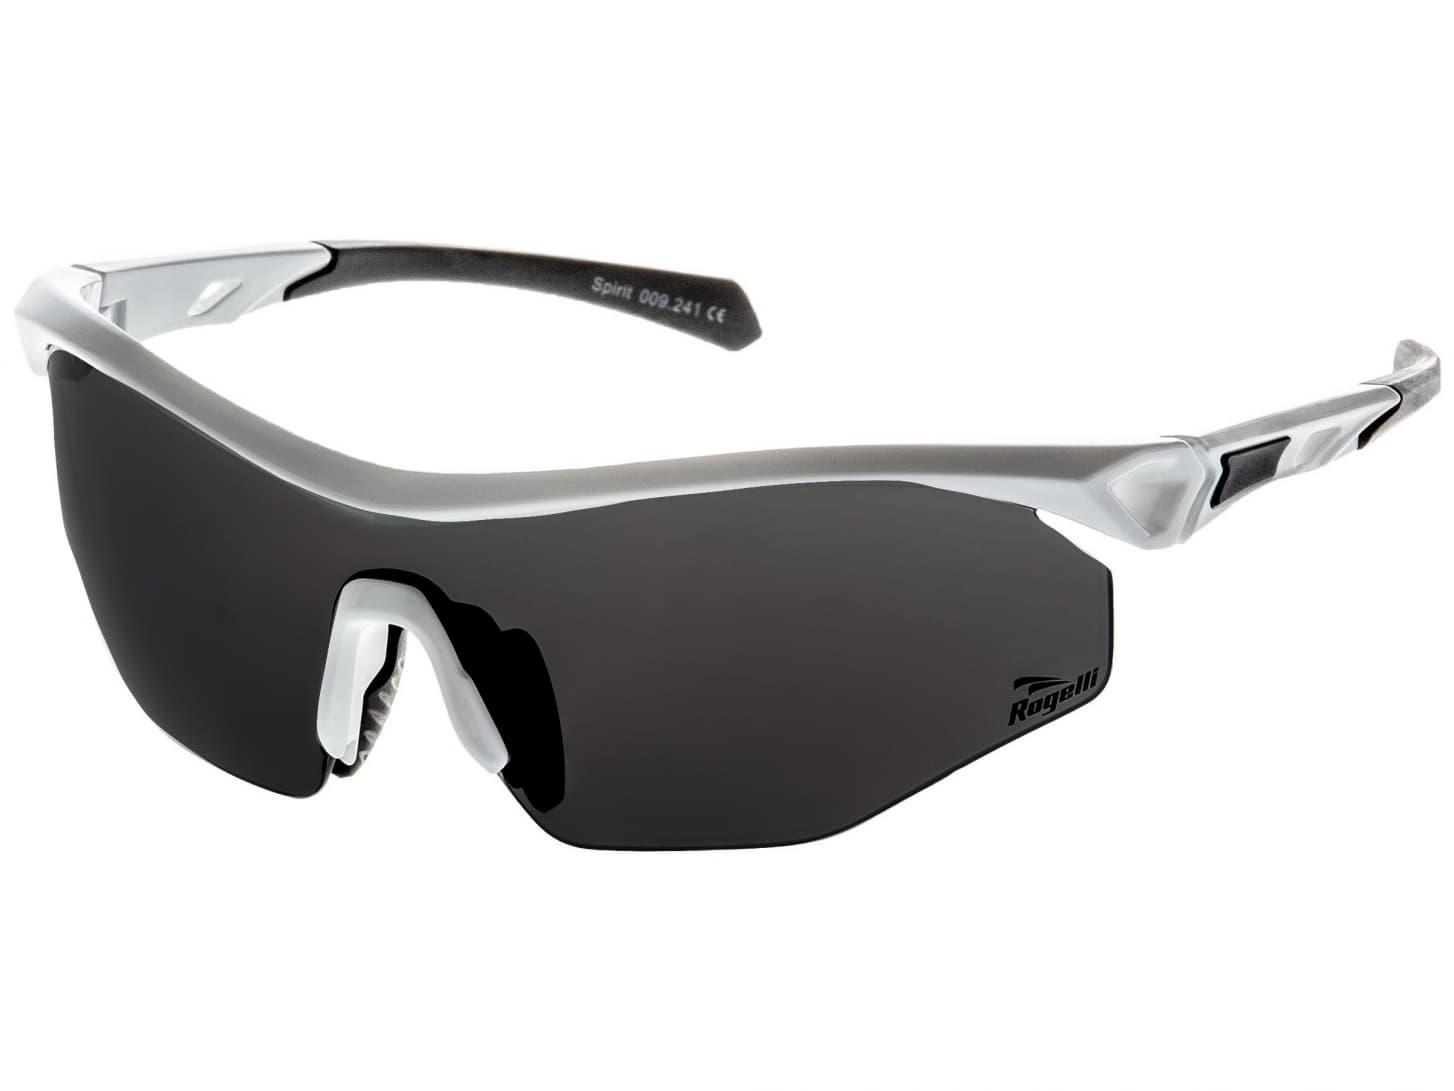 4c7a1cbf9 Cyklistické športové okuliare Rogelli SPIRIT s výmennými sklami, biele